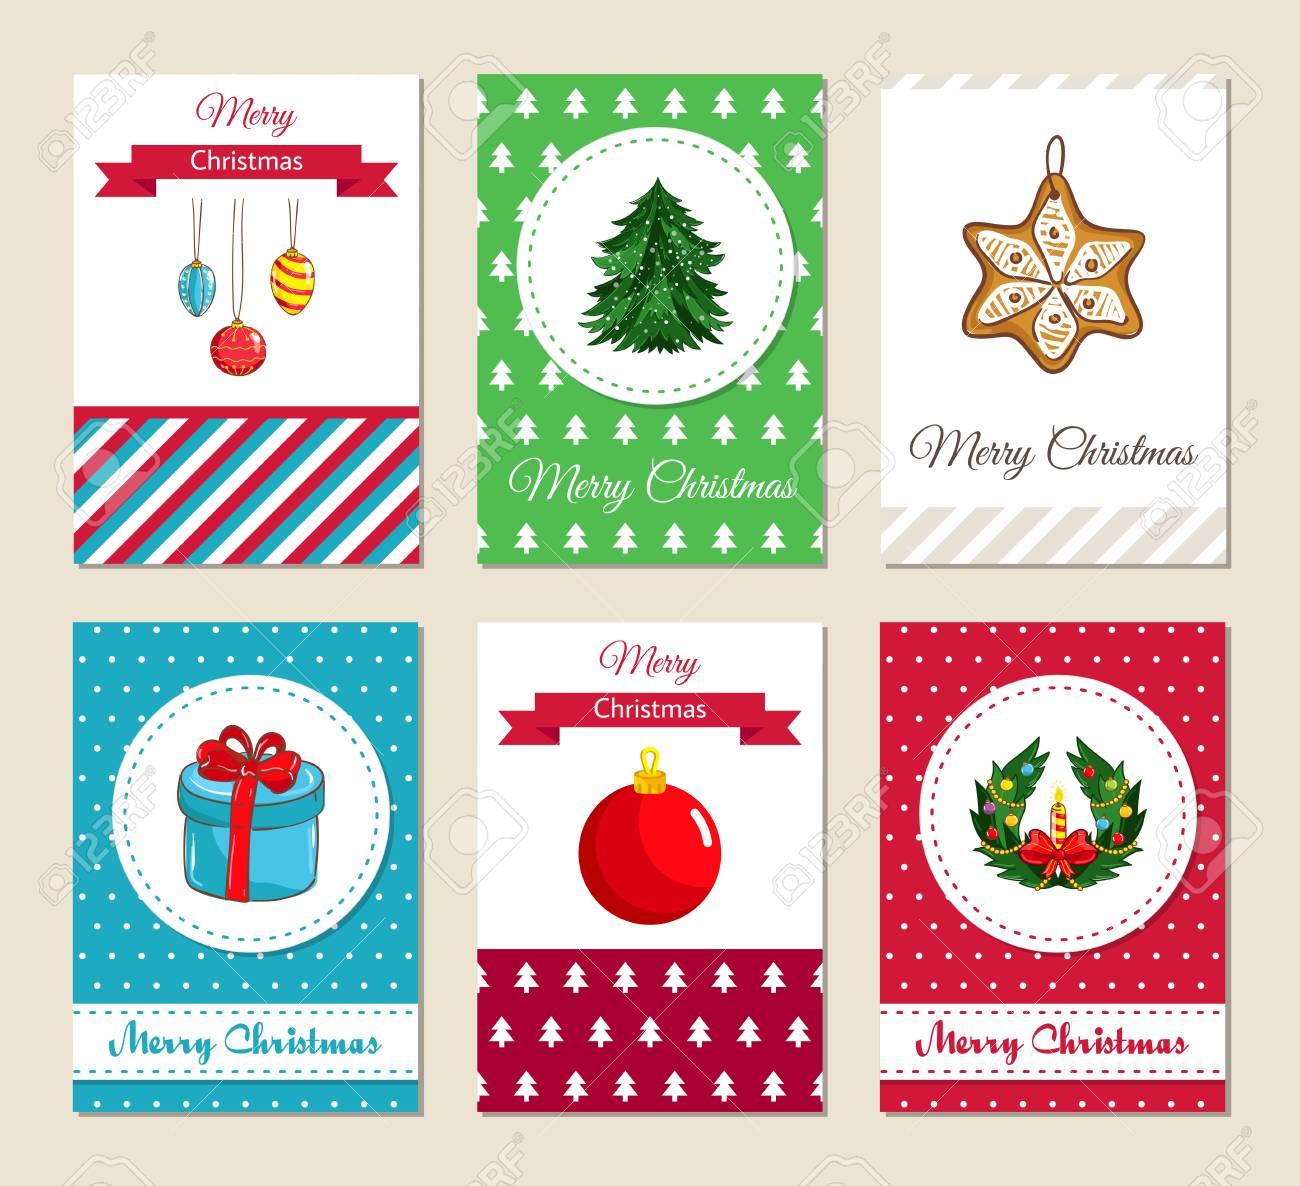 Tarjetas De Felicitación De Navidad Y Invitaciones De La Fiesta De Navidad Conjunto Colorido Conceptos Feliz Navidad Y Feliz Año Nuevo Con El árbol